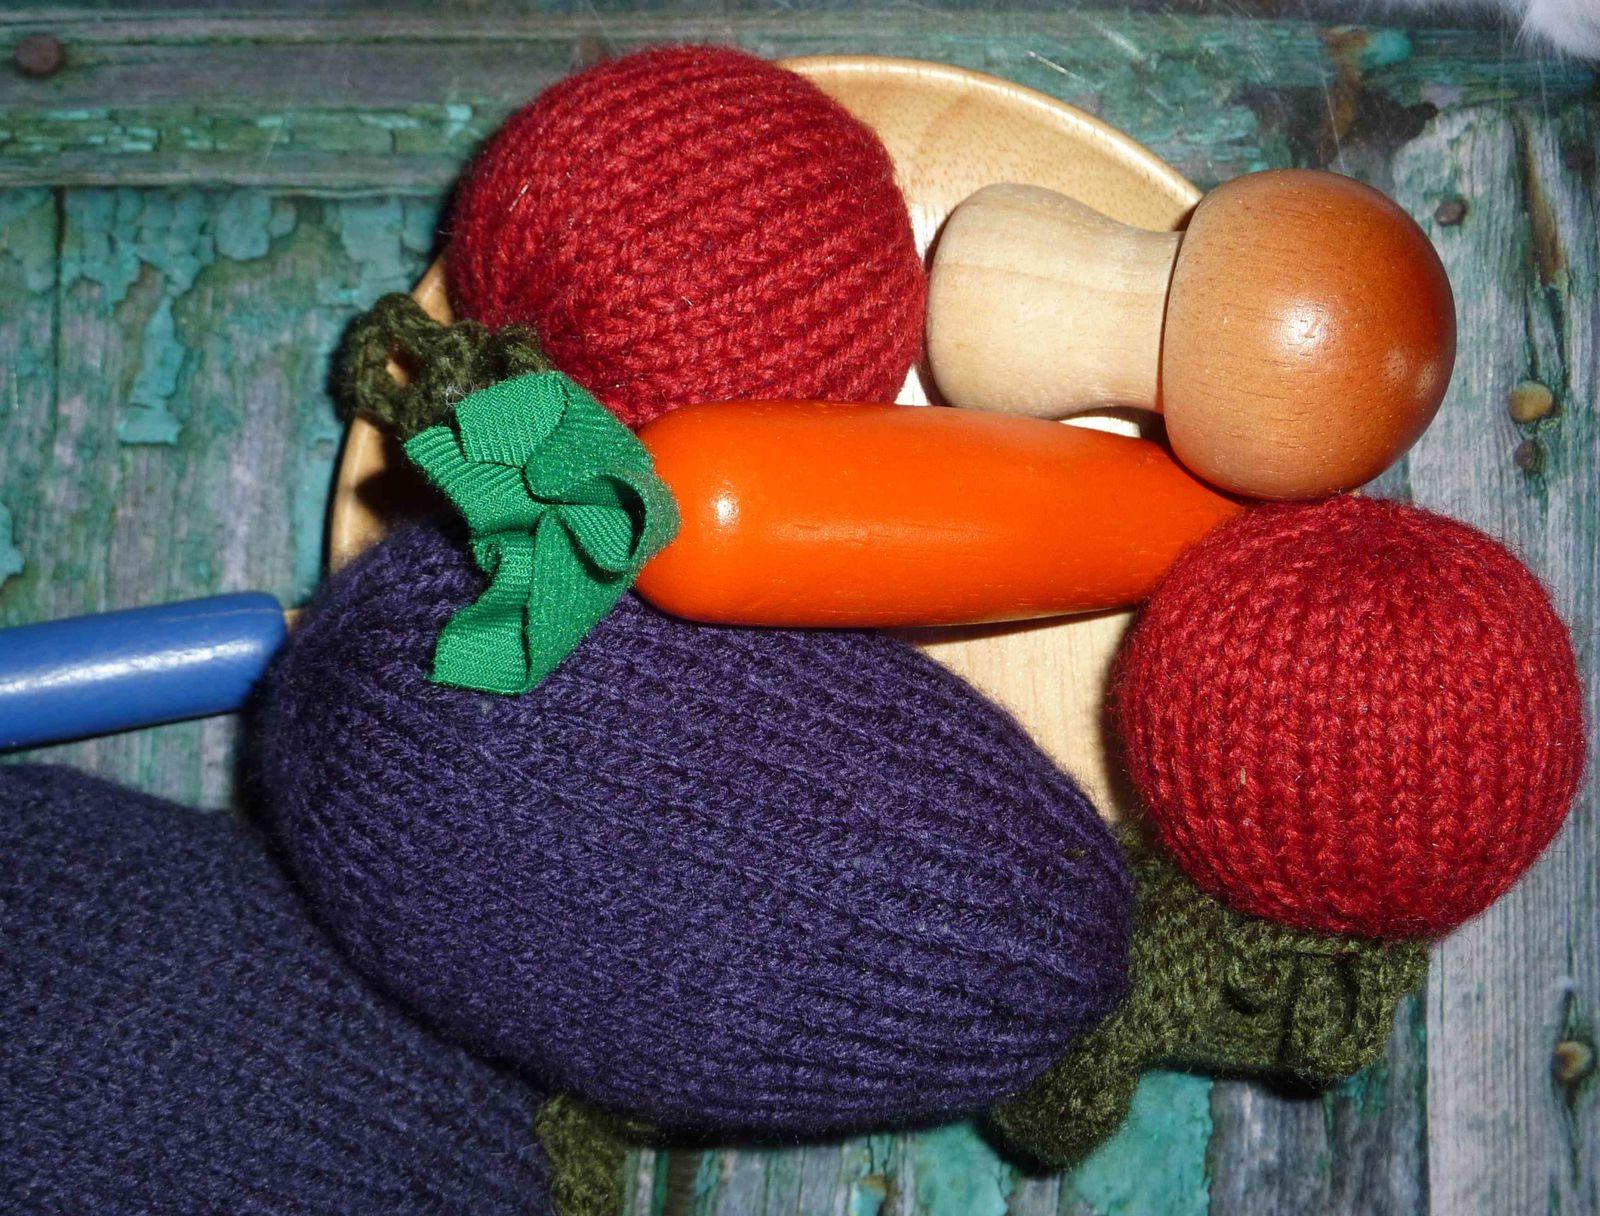 Puis des accessoires pour les coquettes de la maison : barrettes pour les petites coquettes, boucles d'oreilles pour la grande... càd moi !!!